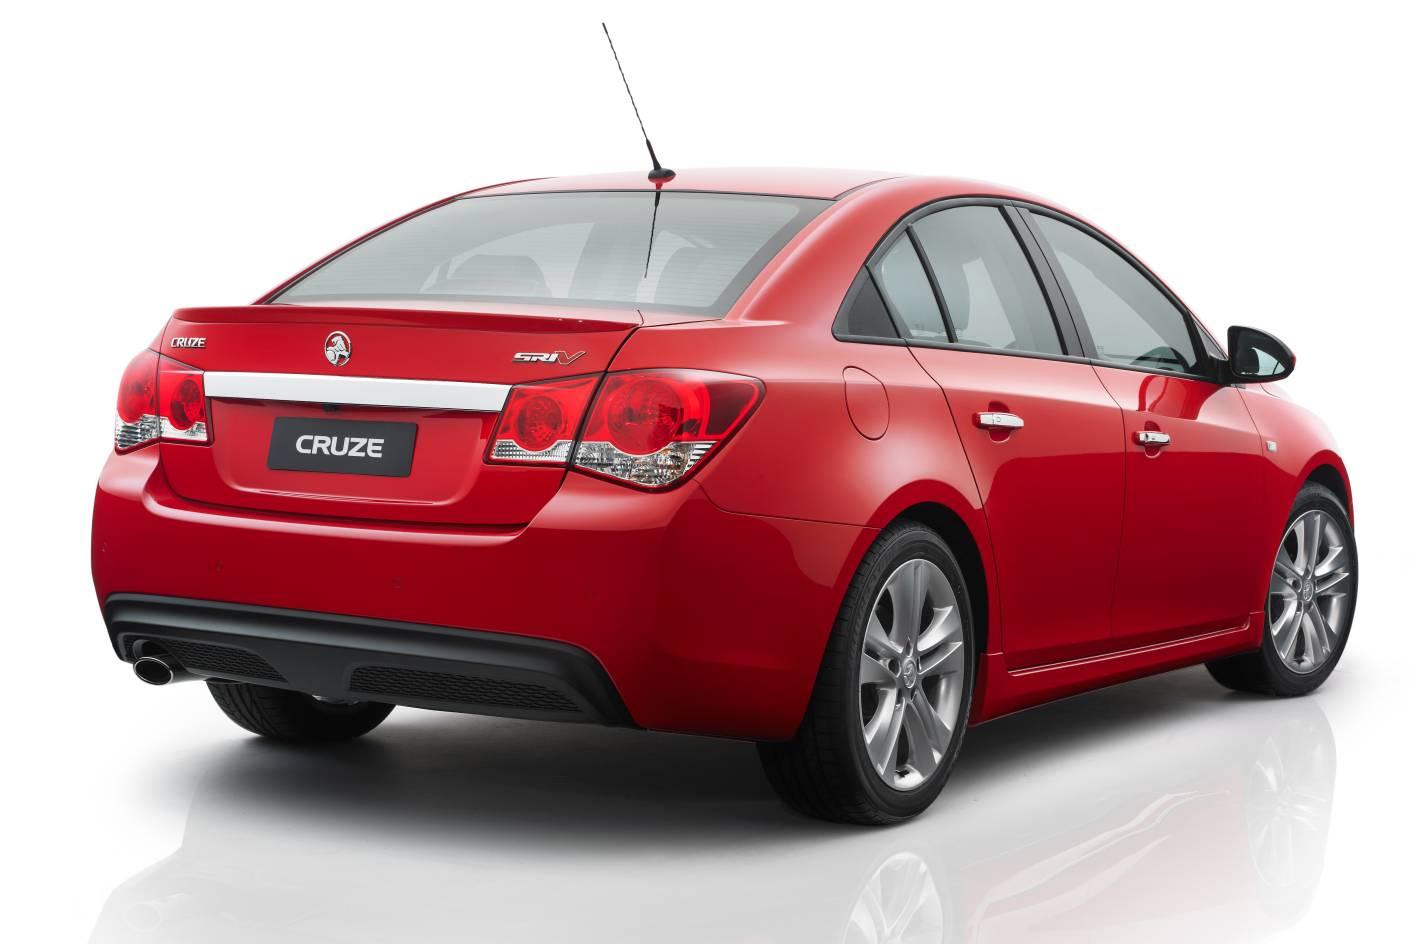 2013 Holden Cruze 3 Forcegt Com